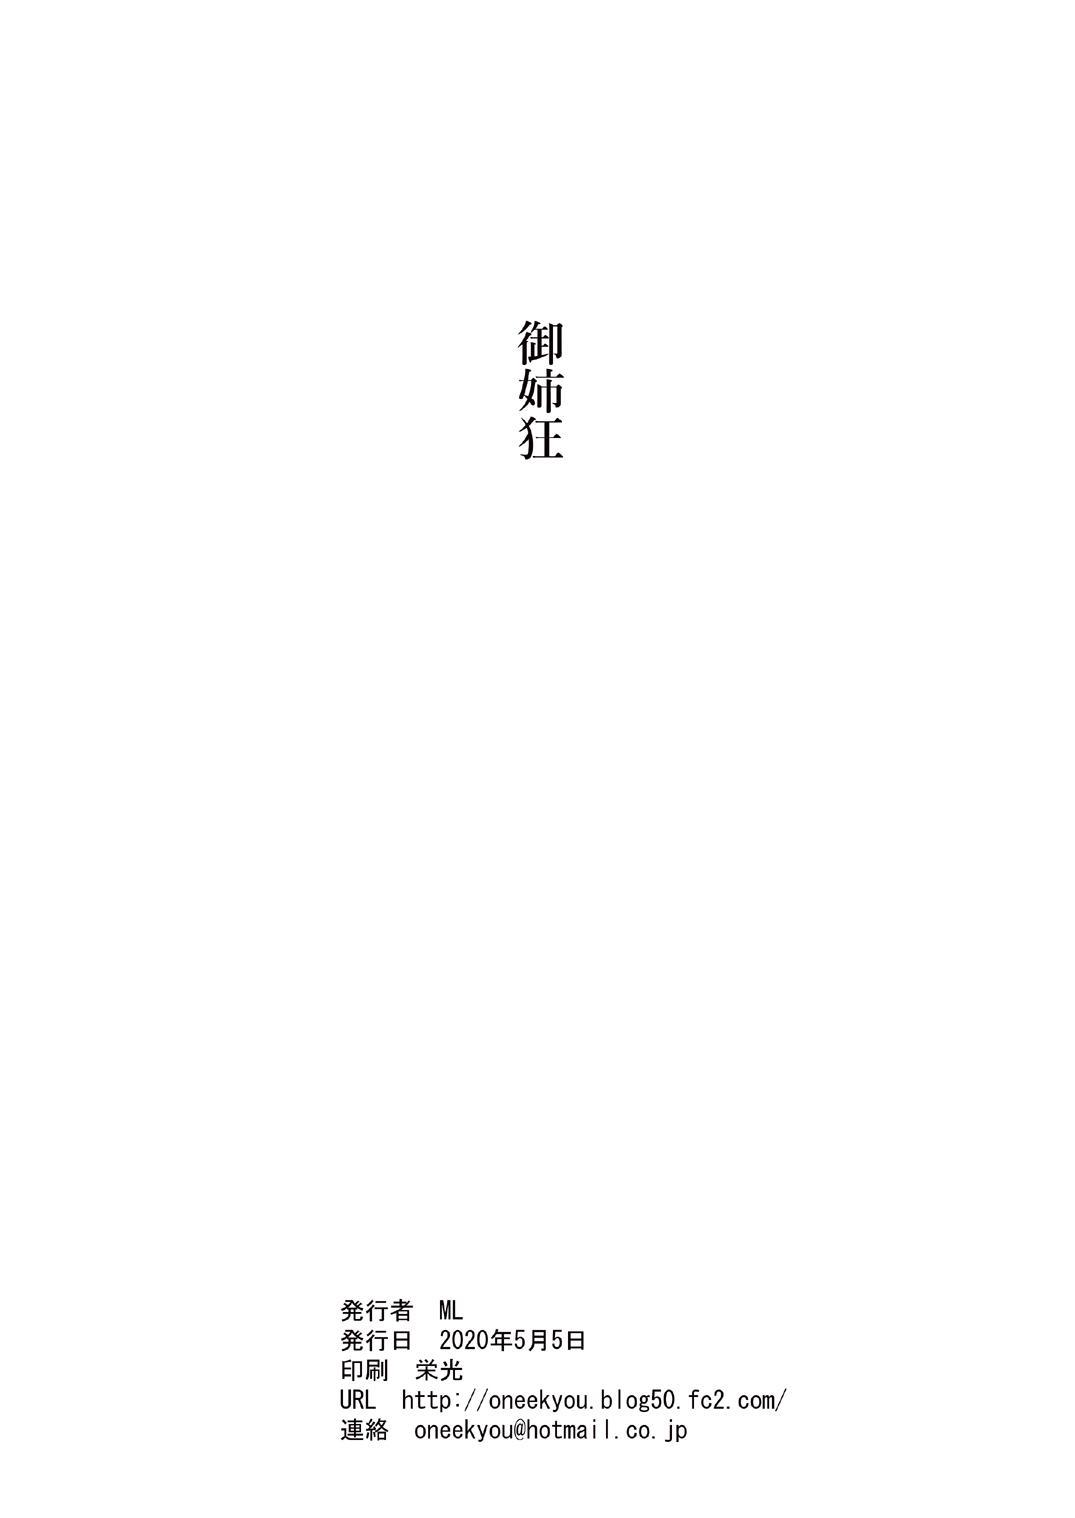 Shiro Hebi no Tsumamigui | Virgin Eating White Snake 1